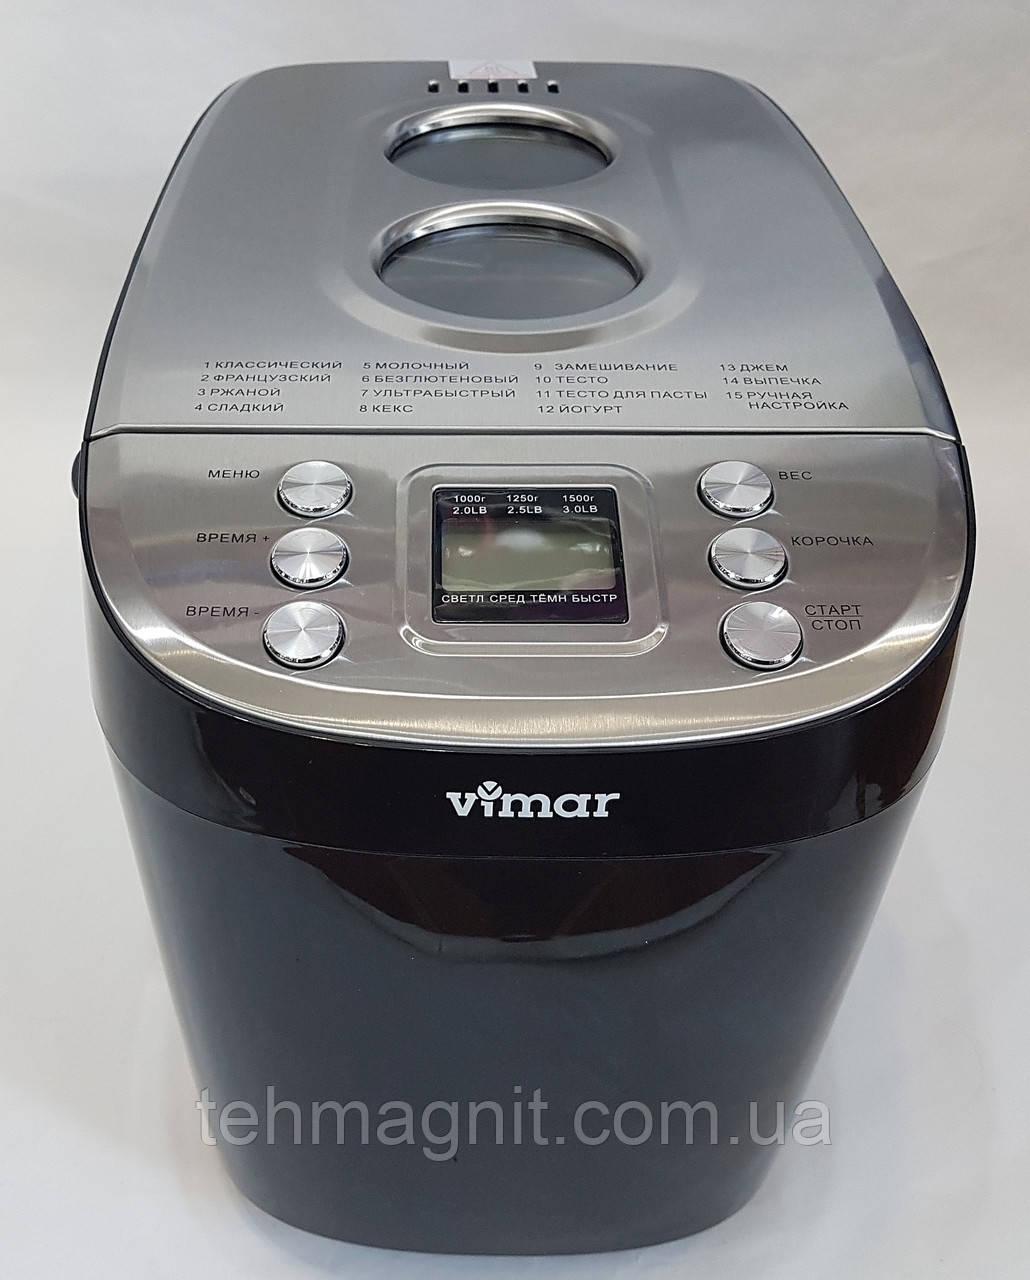 Хлібопічка VIMAR VBM 725 (2 крюка)